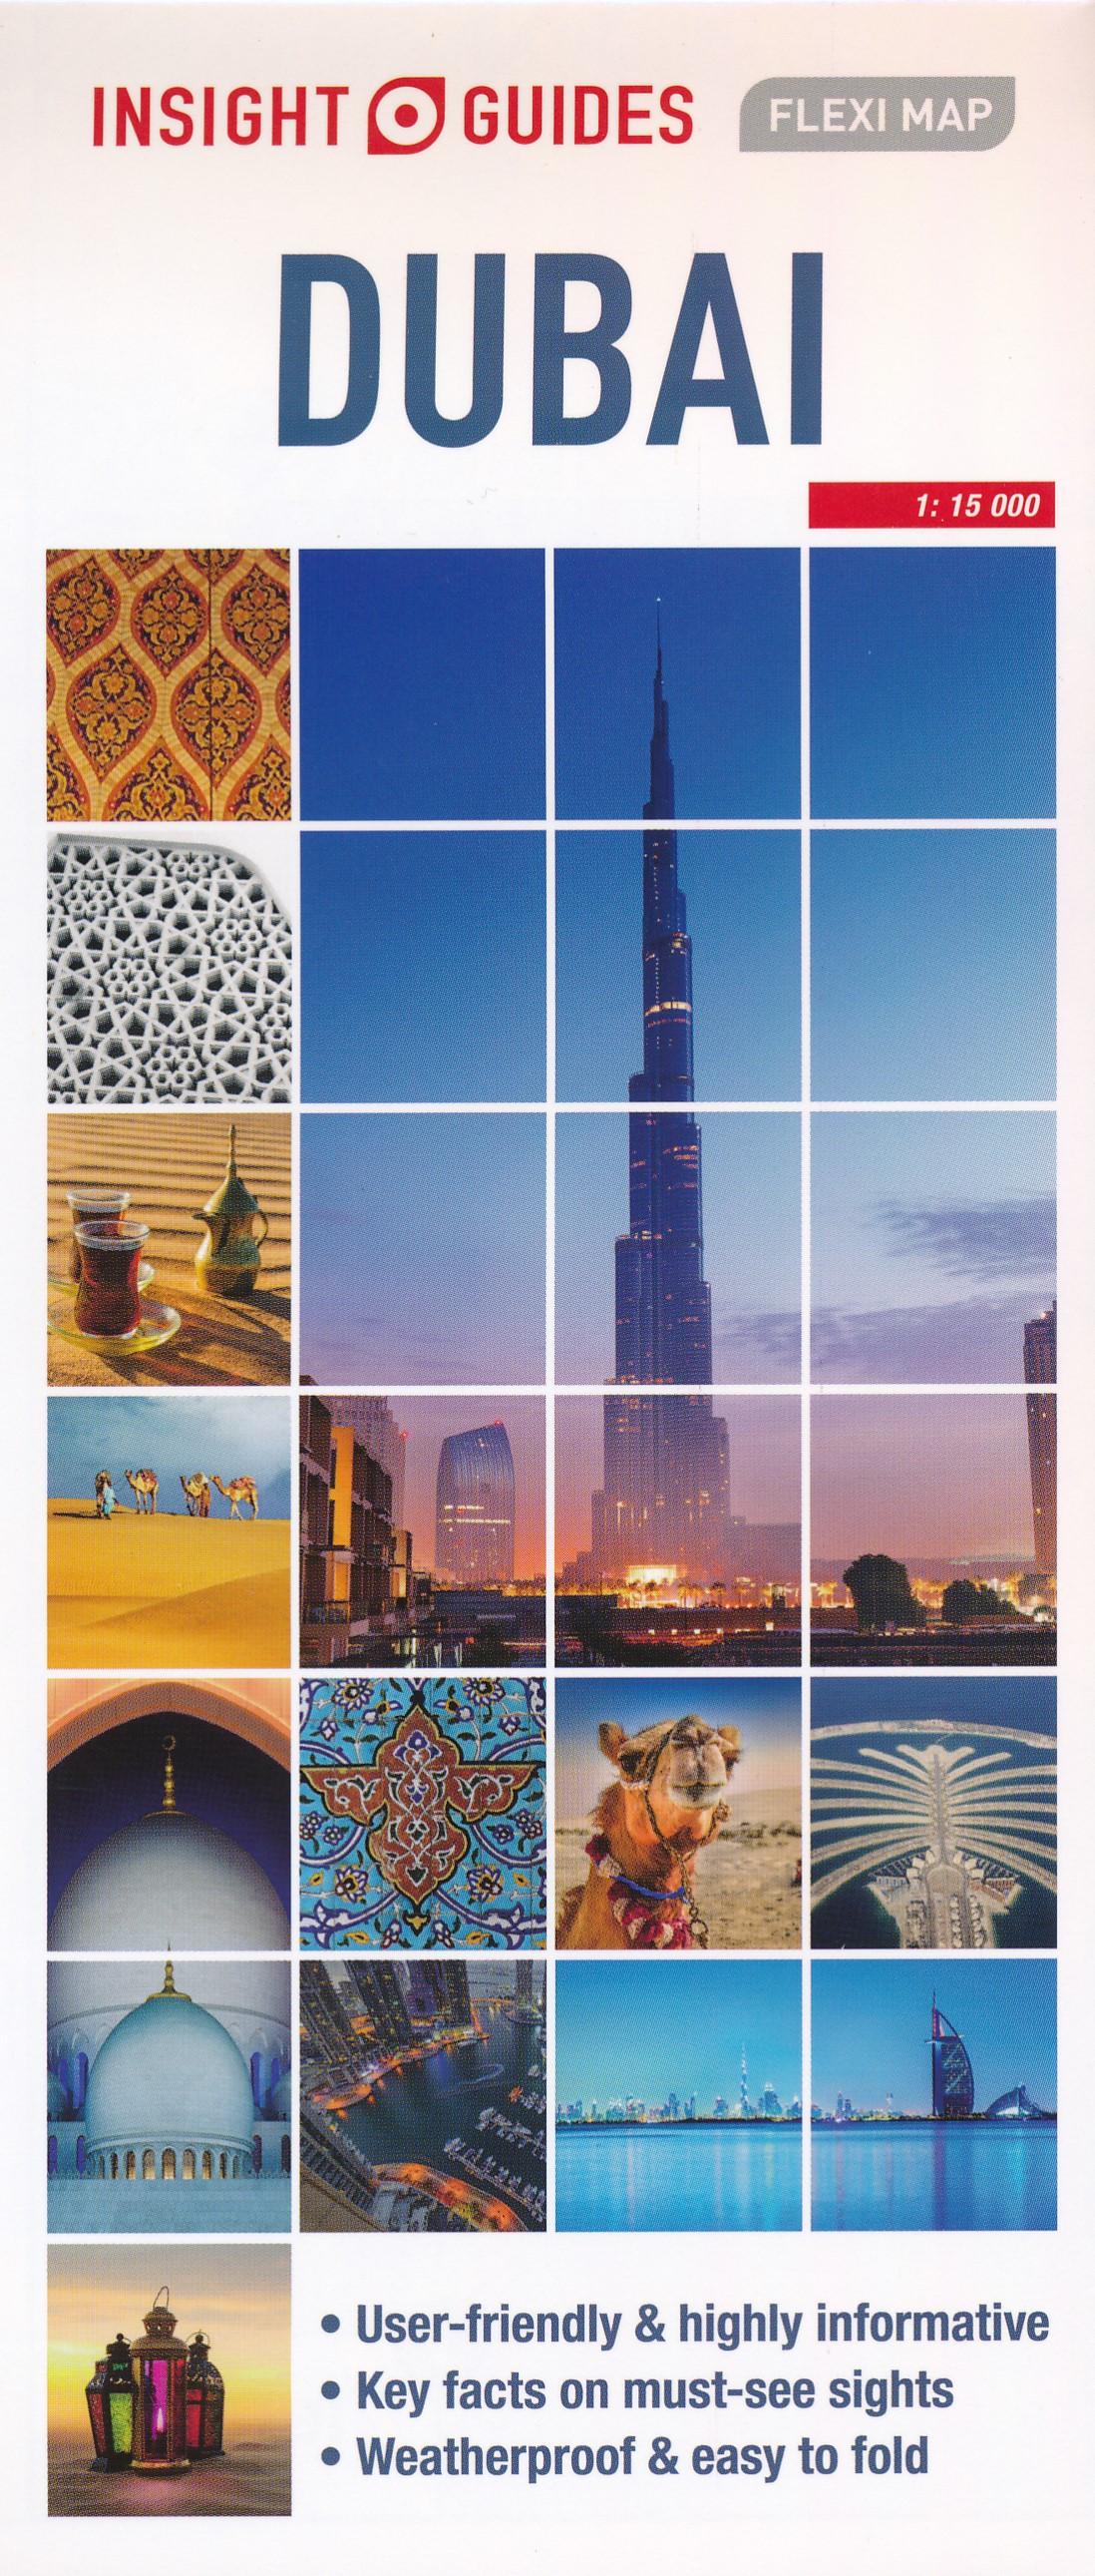 Online bestellen: Wegenkaart - landkaart - Stadsplattegrond Fleximap Dubai | Insight Guides